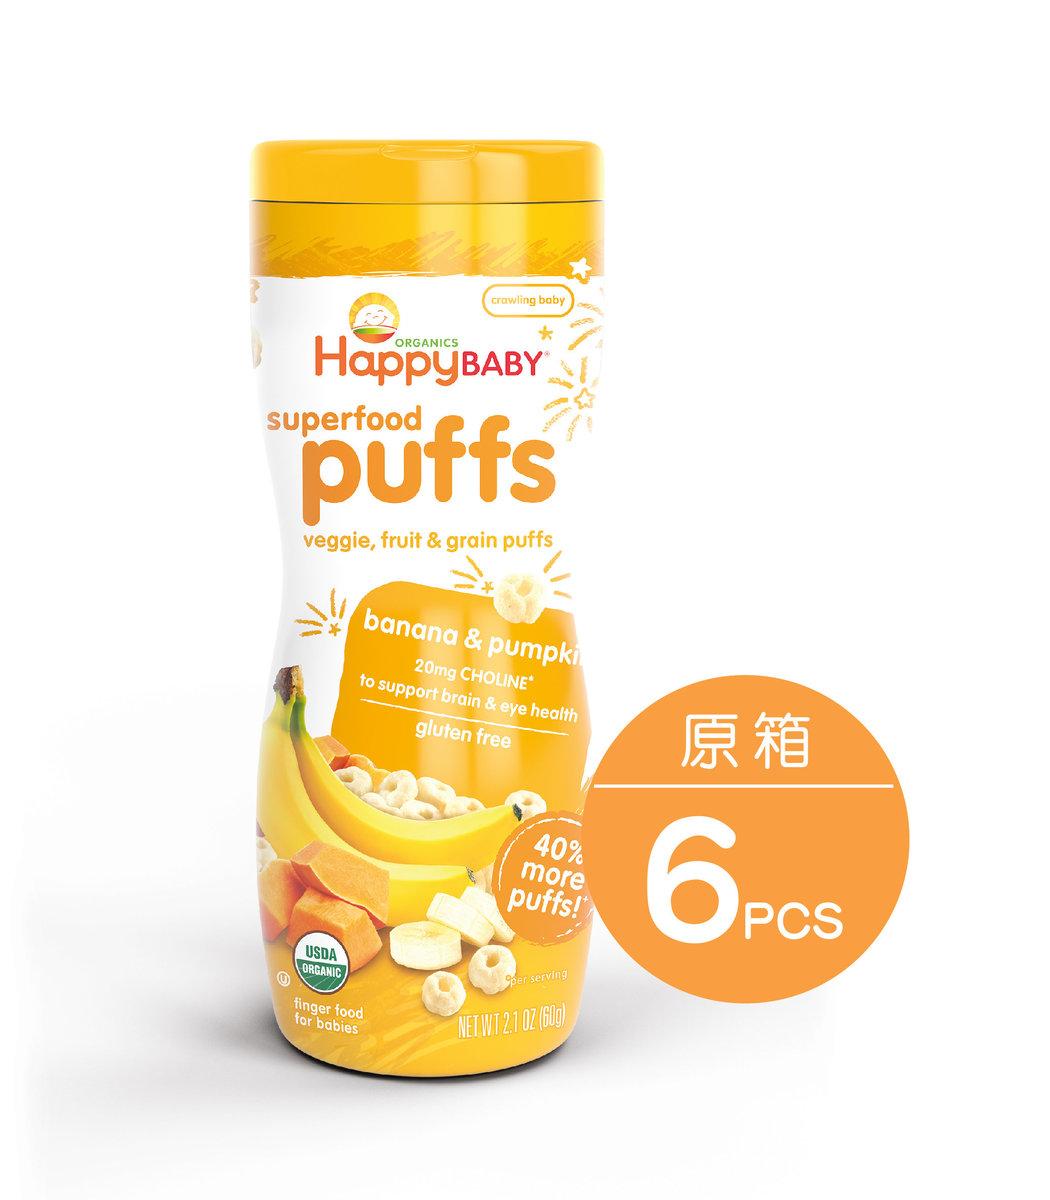 原箱美國HB有機泡芙: 香蕉+南瓜